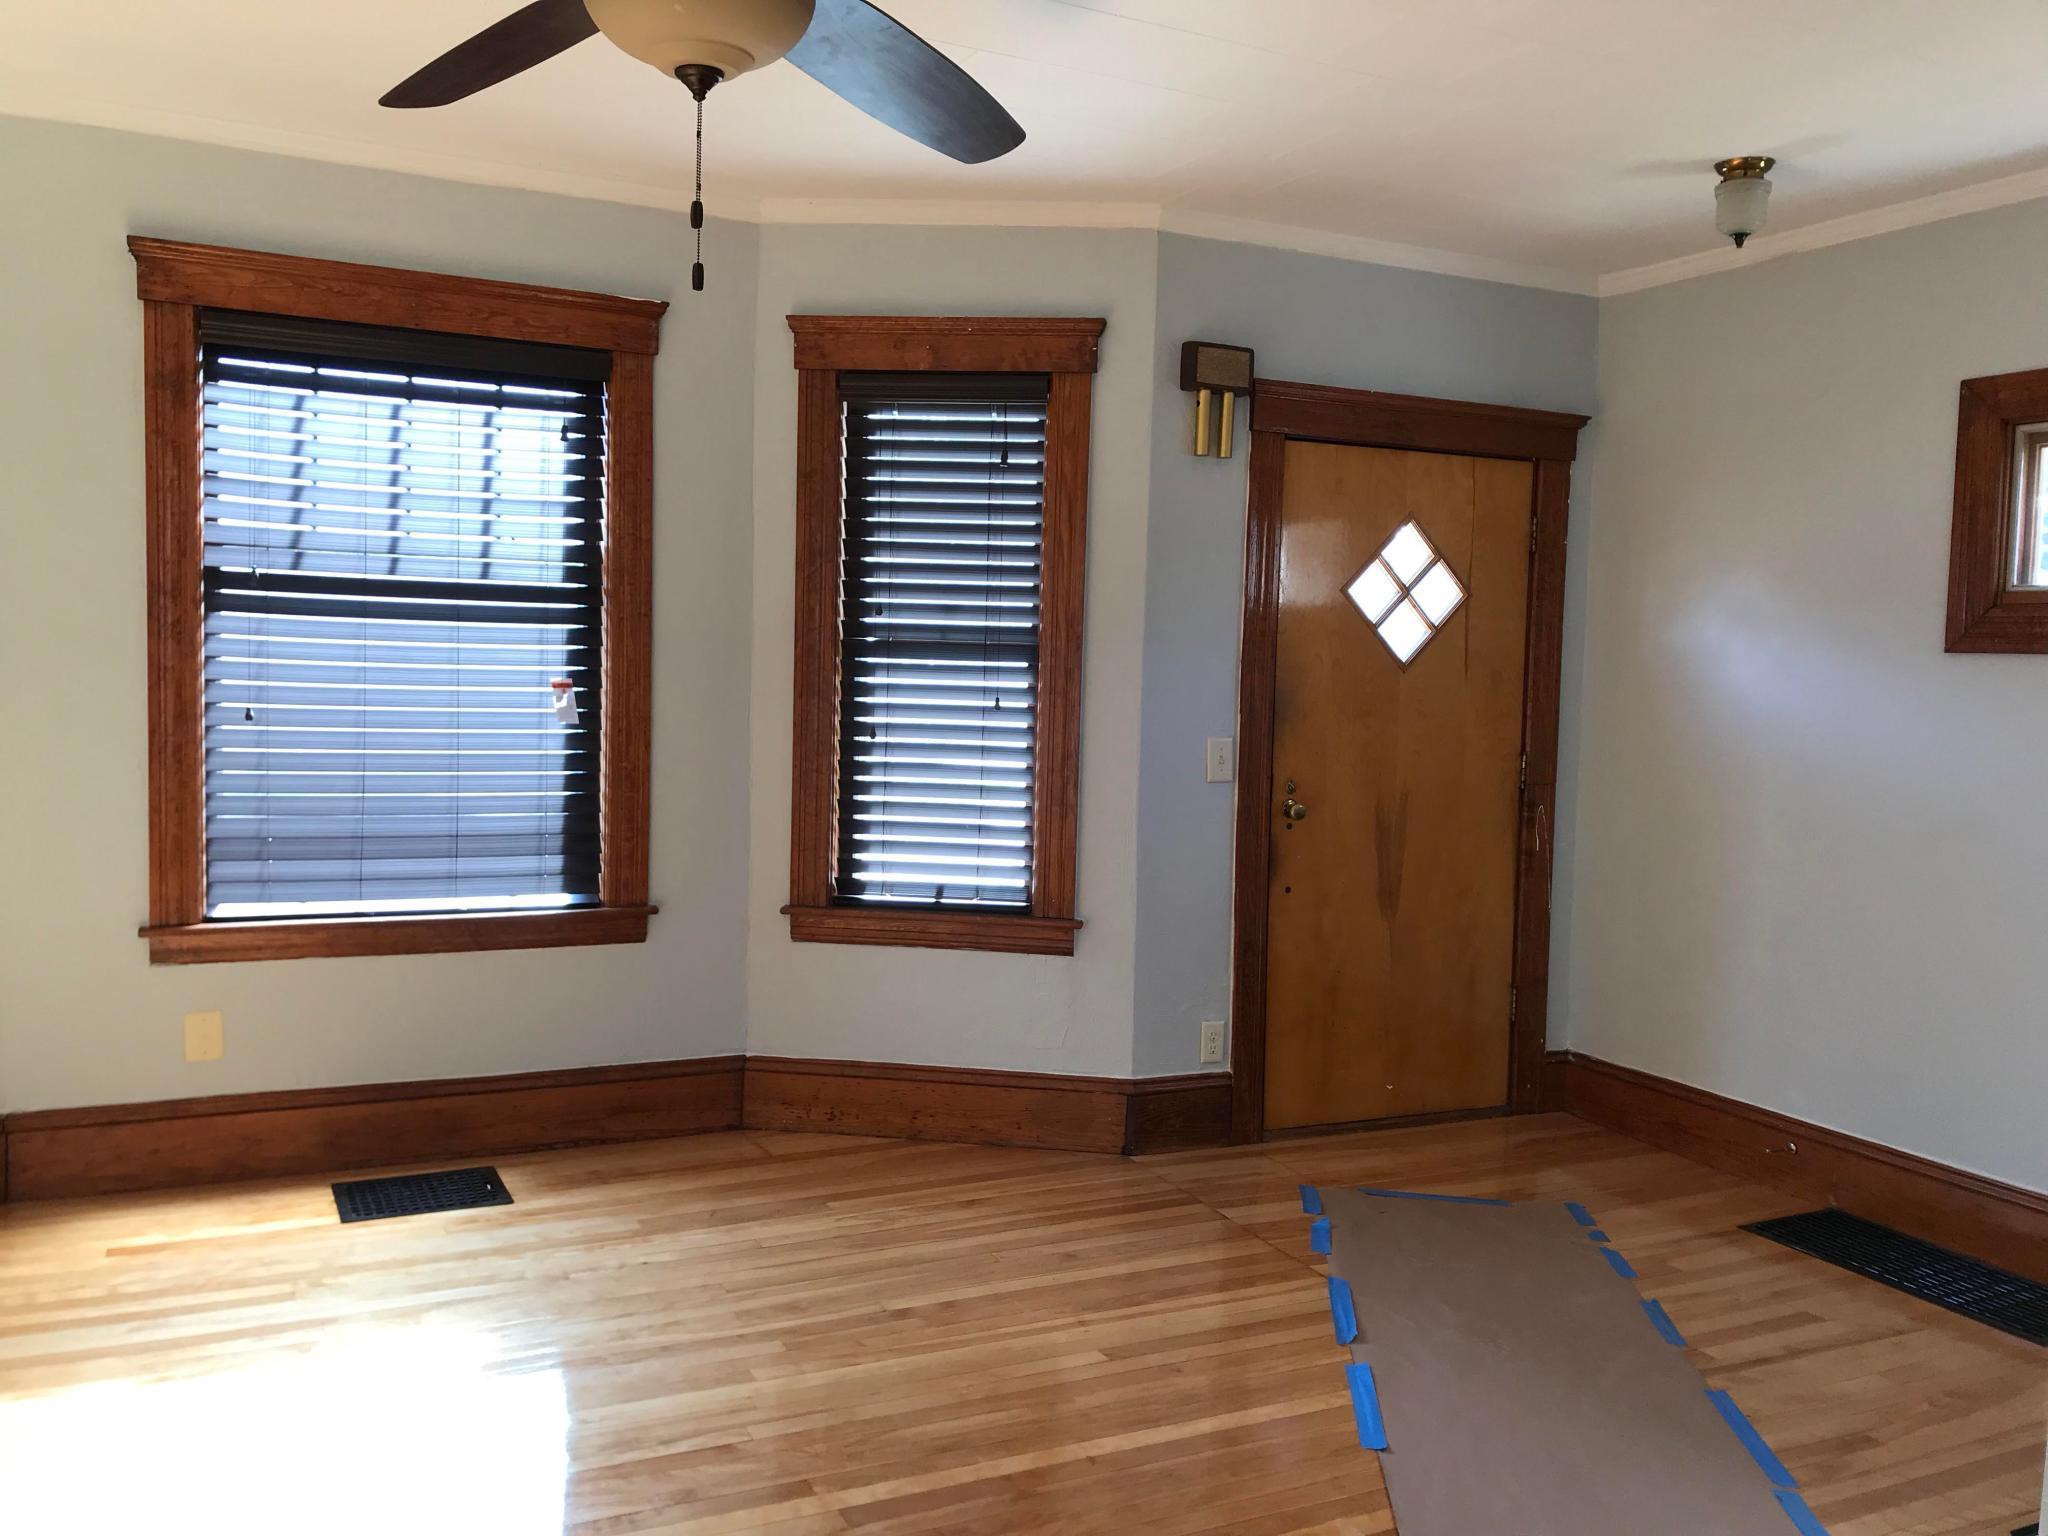 86 Malden St #86 For Rent - Worcester, MA | Trulia